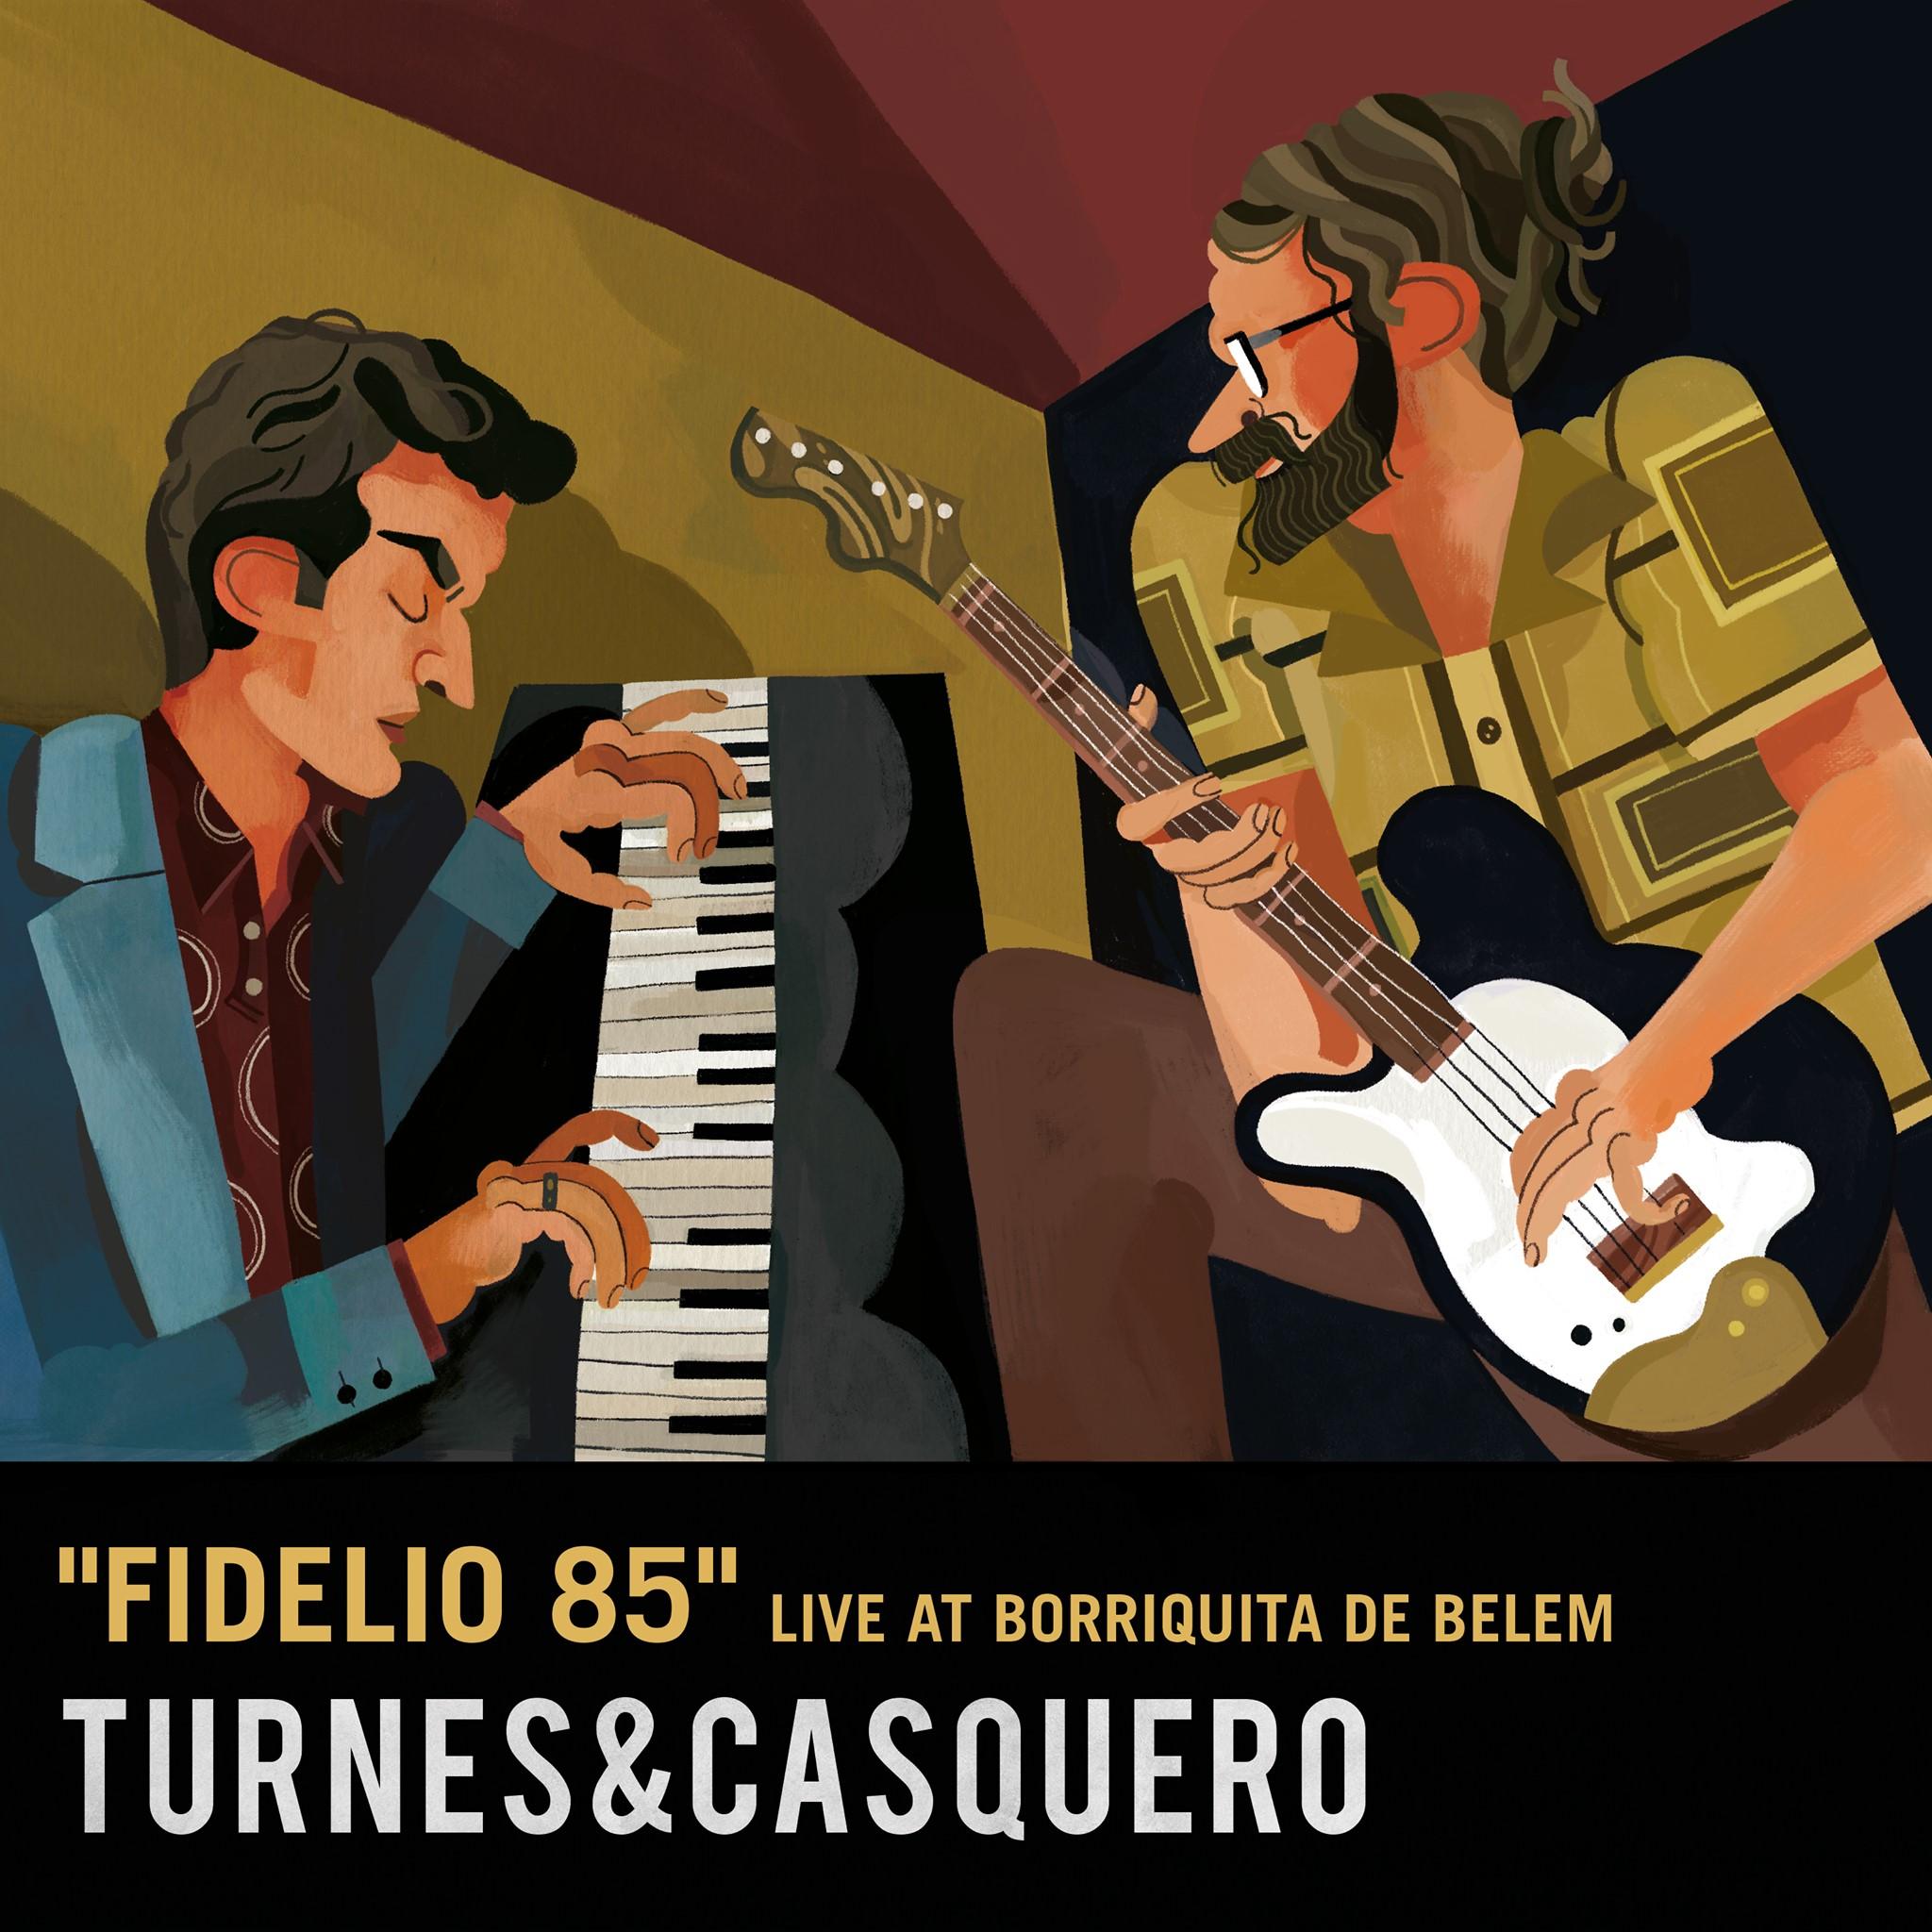 Turnes e Casquero apostan polo son ao vivo en <i>Fidelio 85</i>